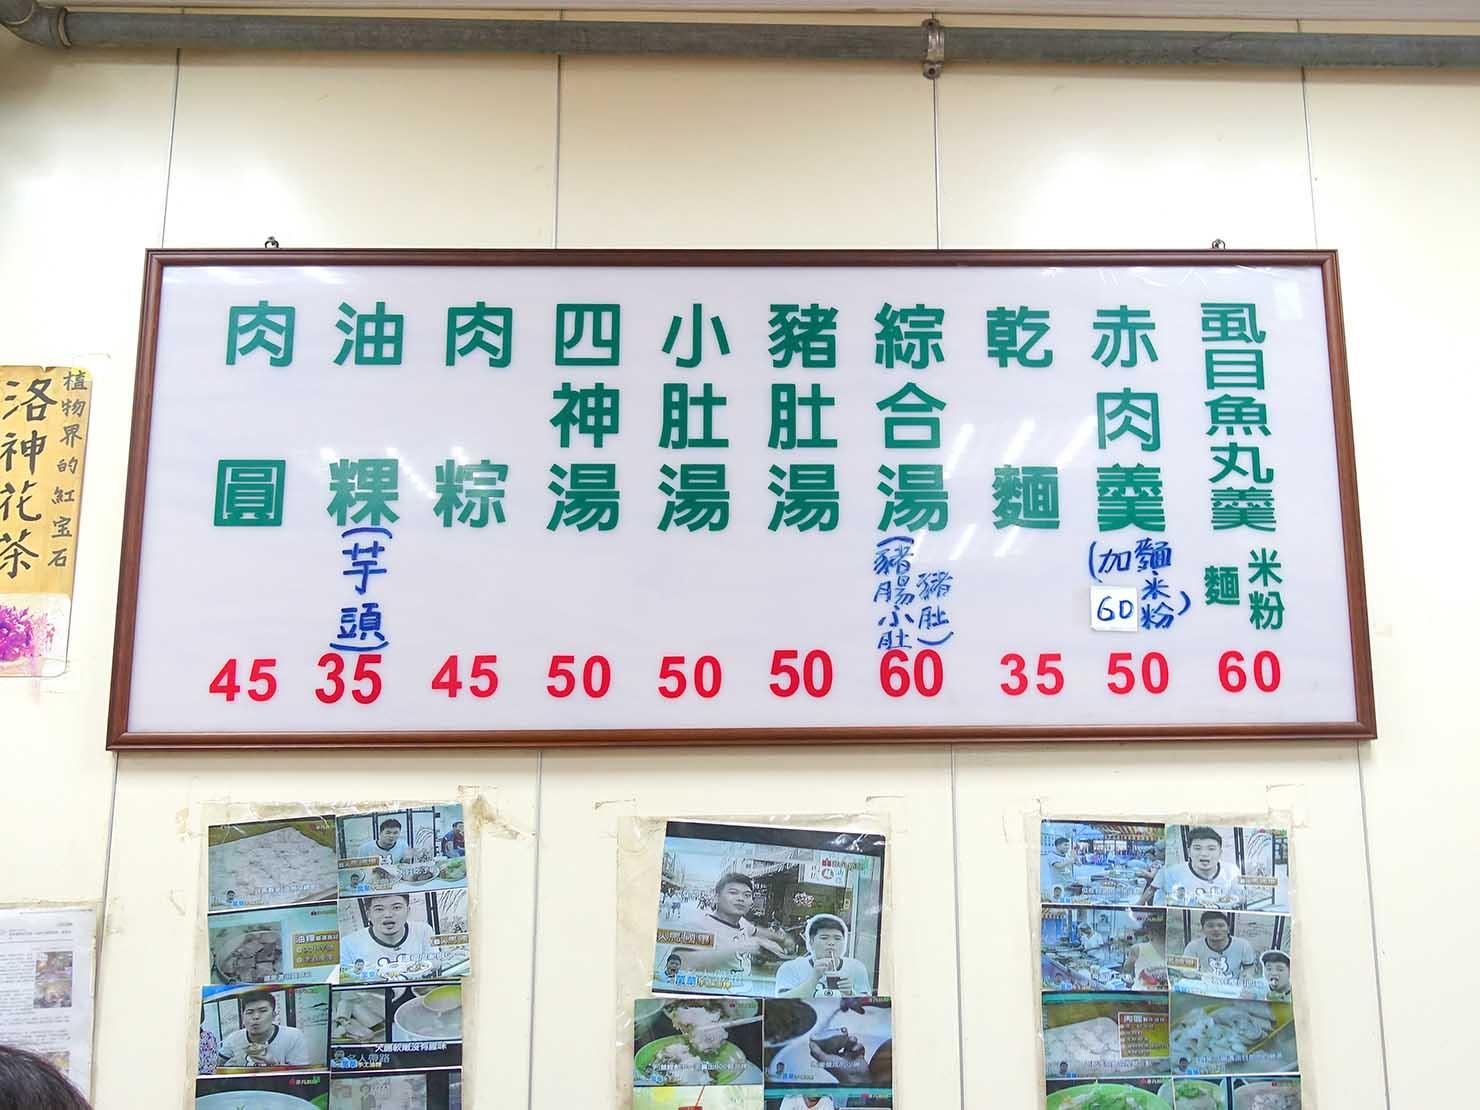 台北・龍山寺エリアのおすすめグルメ店「蘇家肉圓油粿」のメニュー